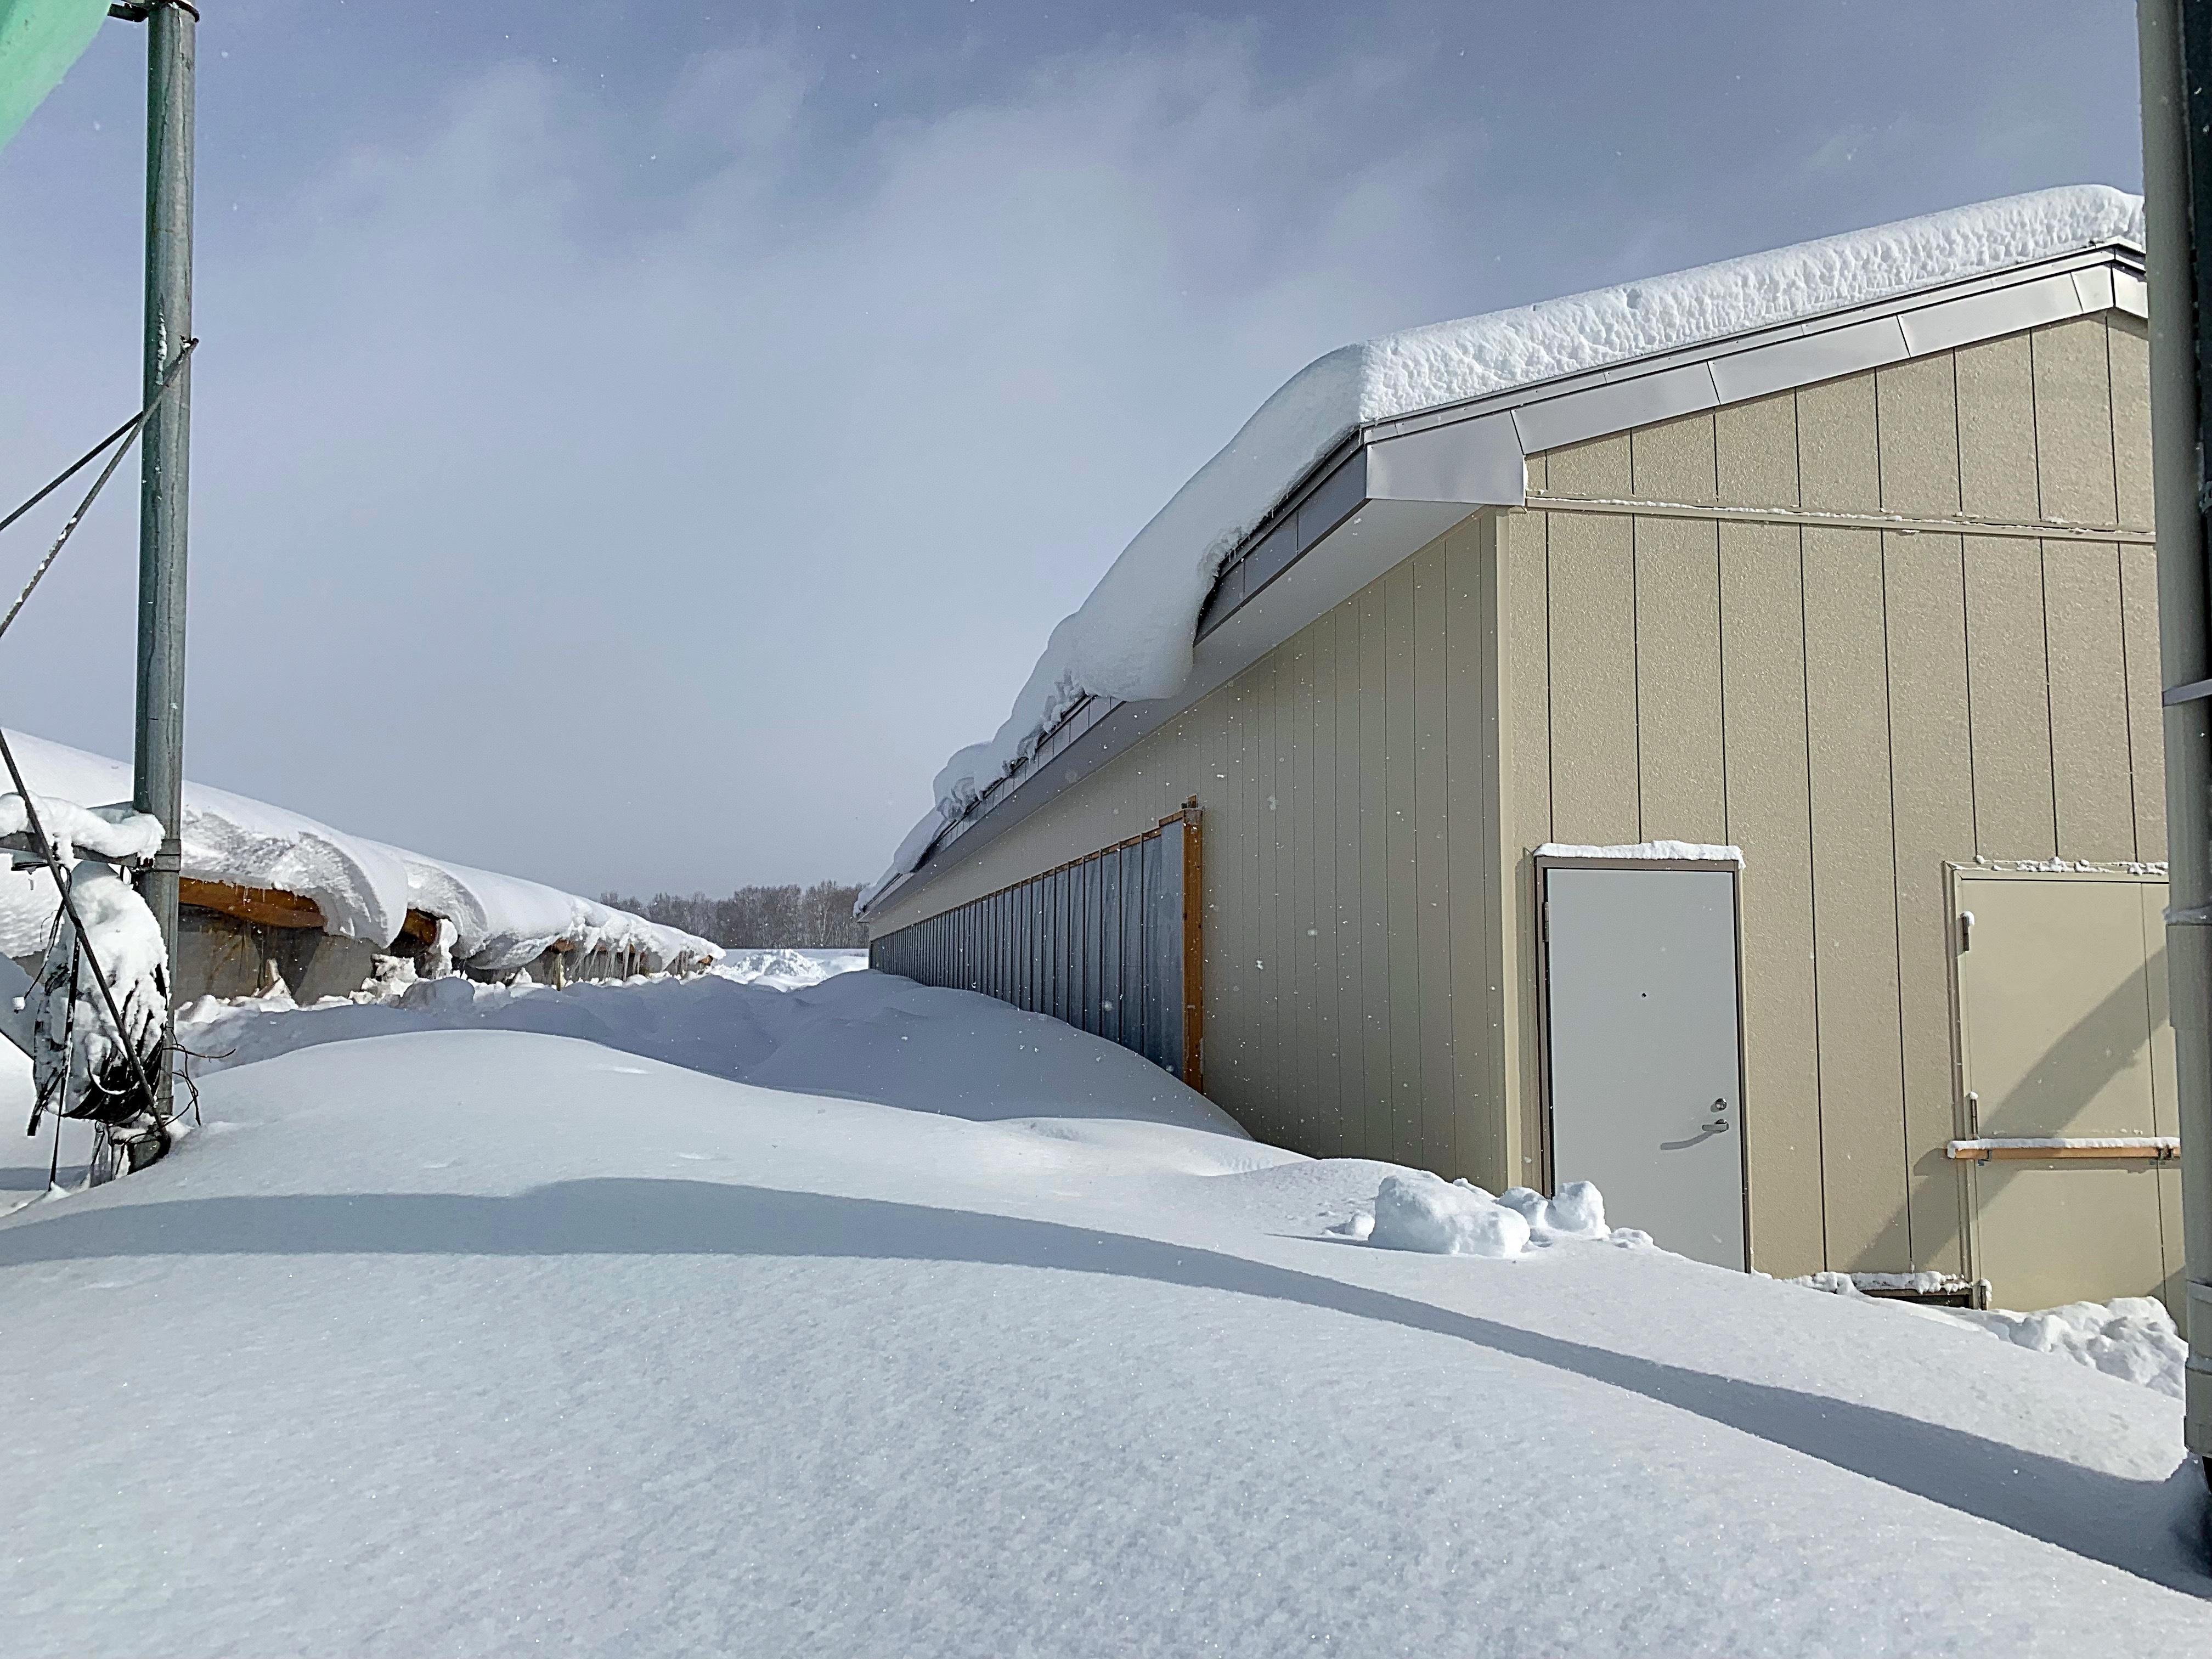 鶏舎横に一気に積もった雪